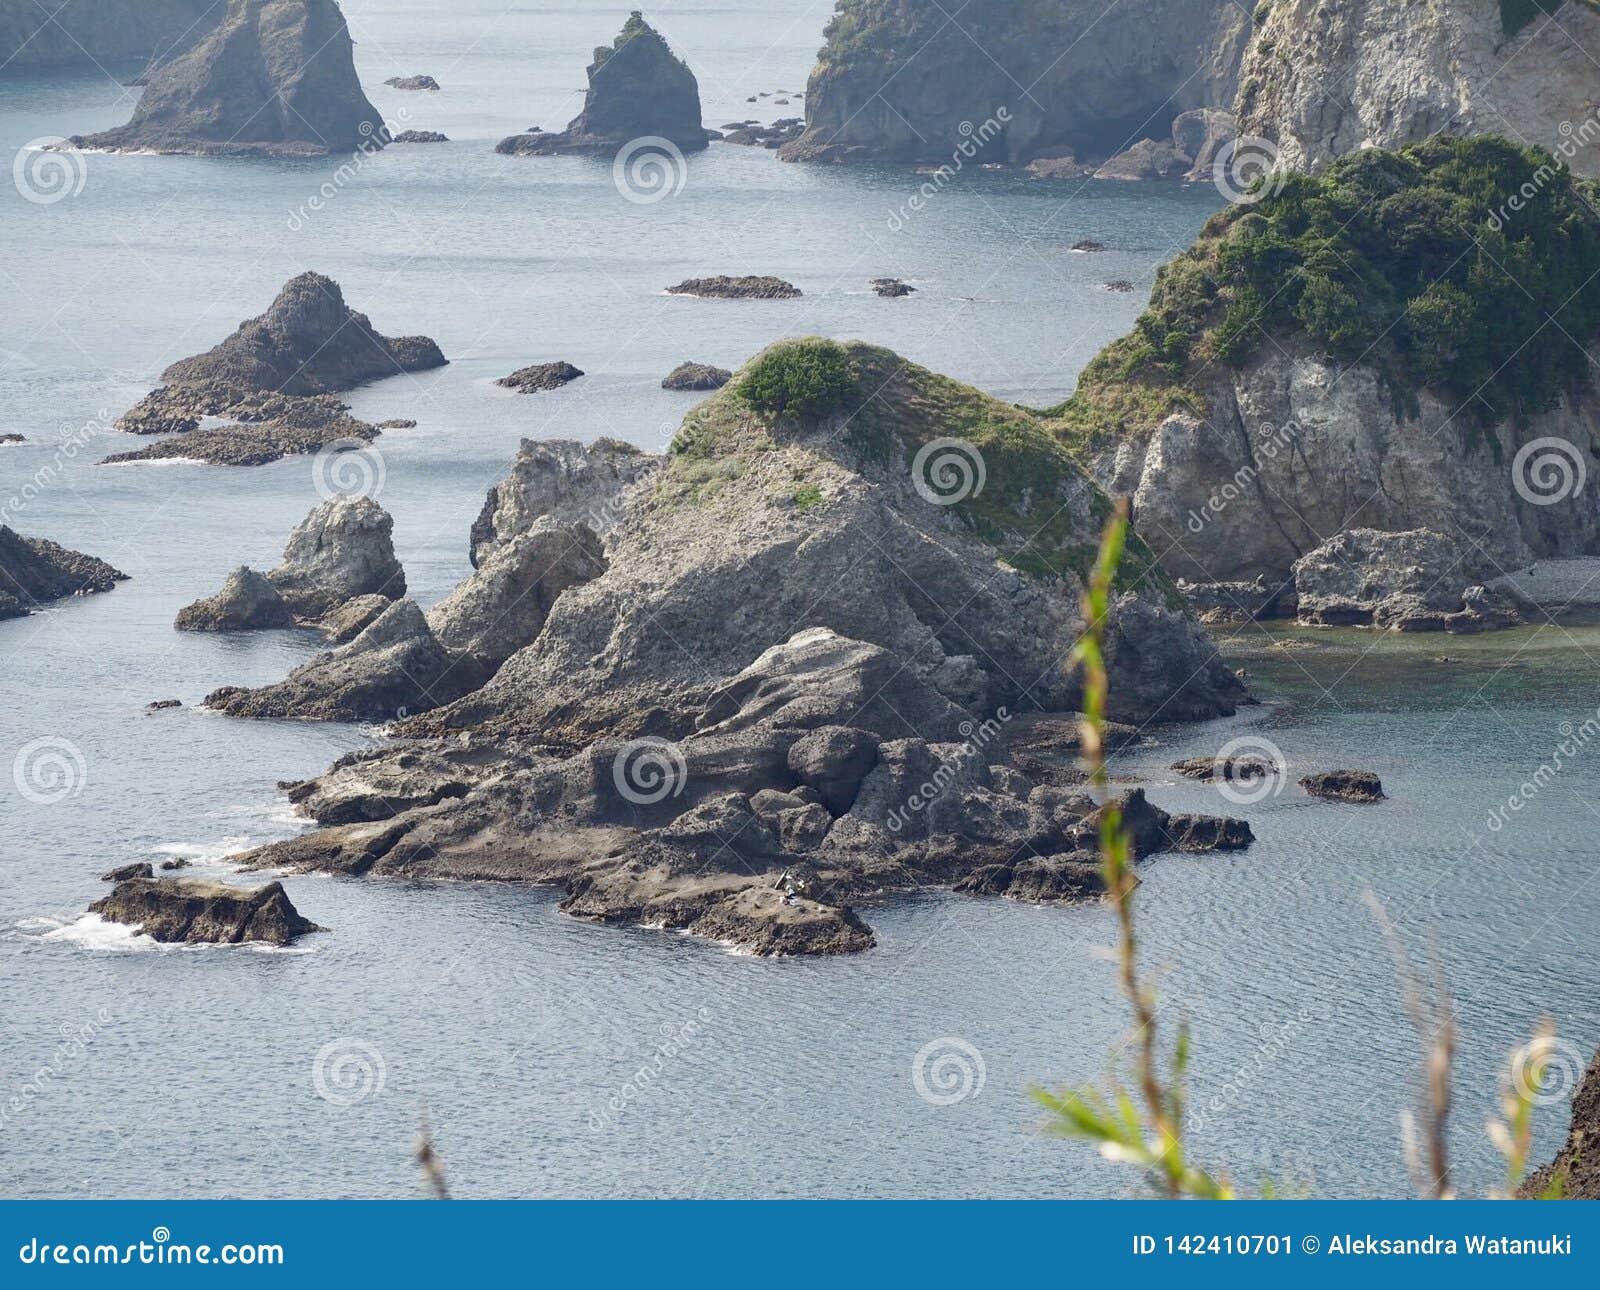 Picturesque Coast of Izu Peninsula